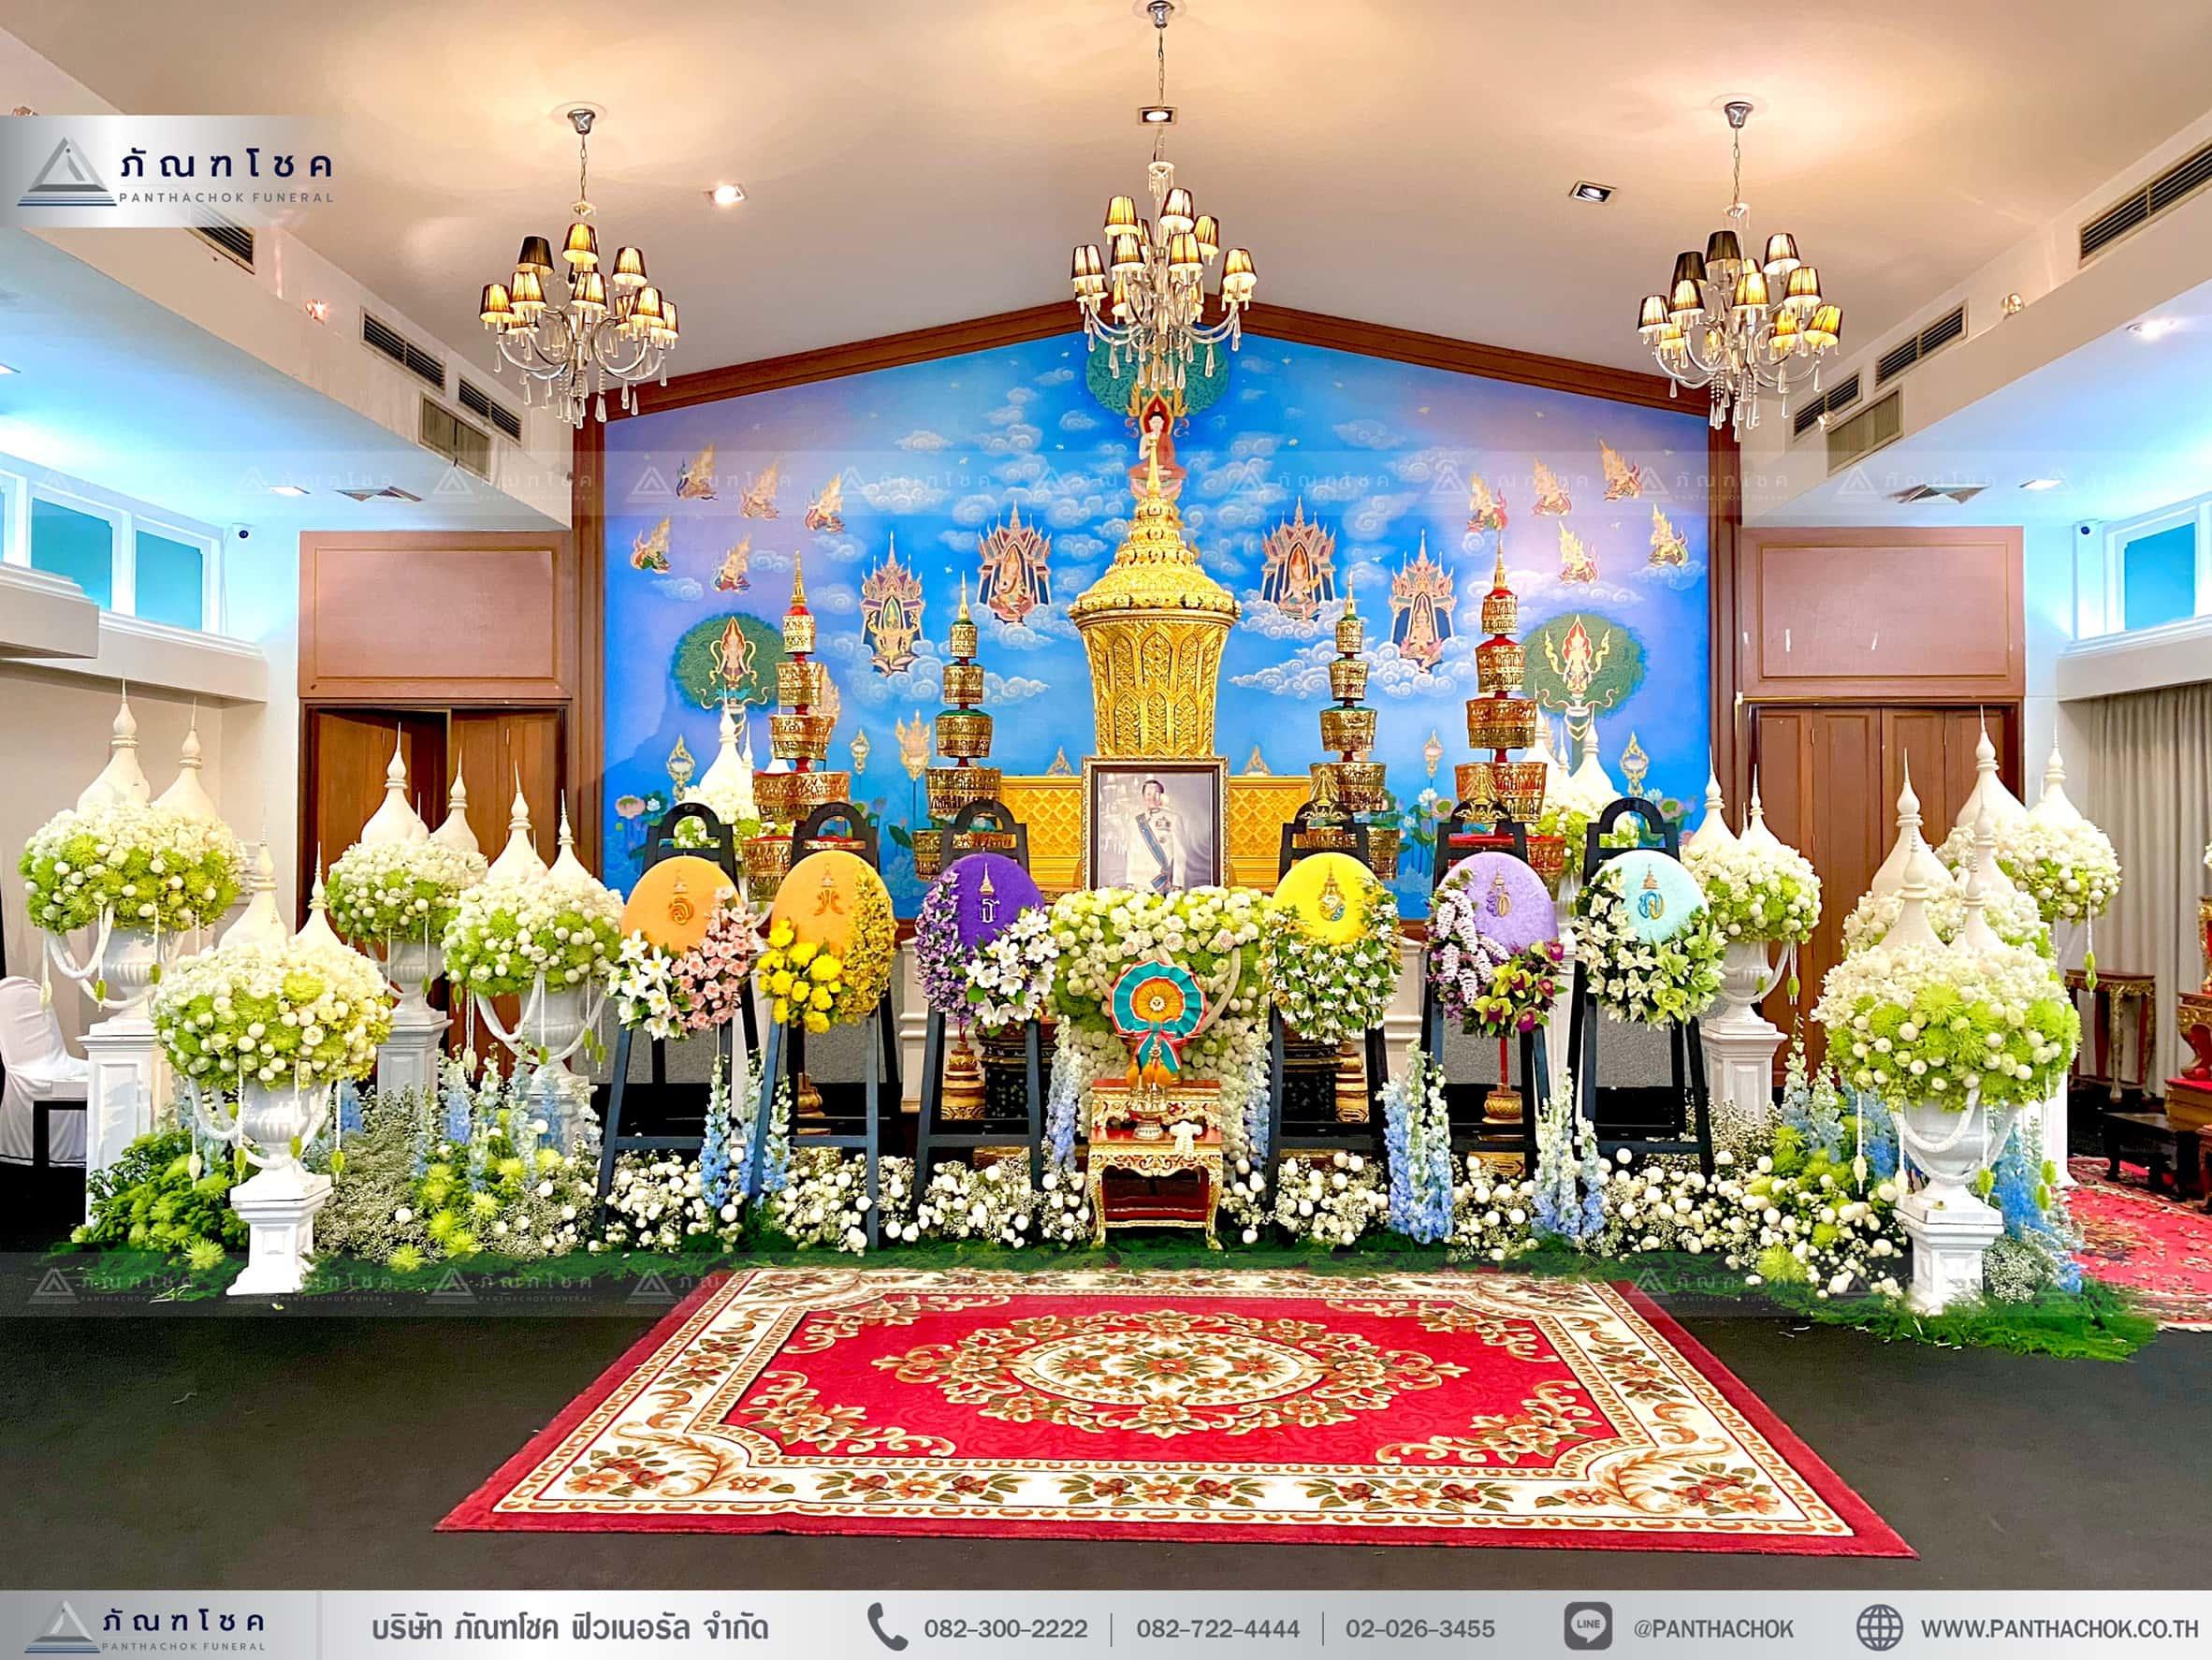 ดอกไม้งานศพพระราชทาน ดอกไม้ประดับหน้าโกศสวยงาม